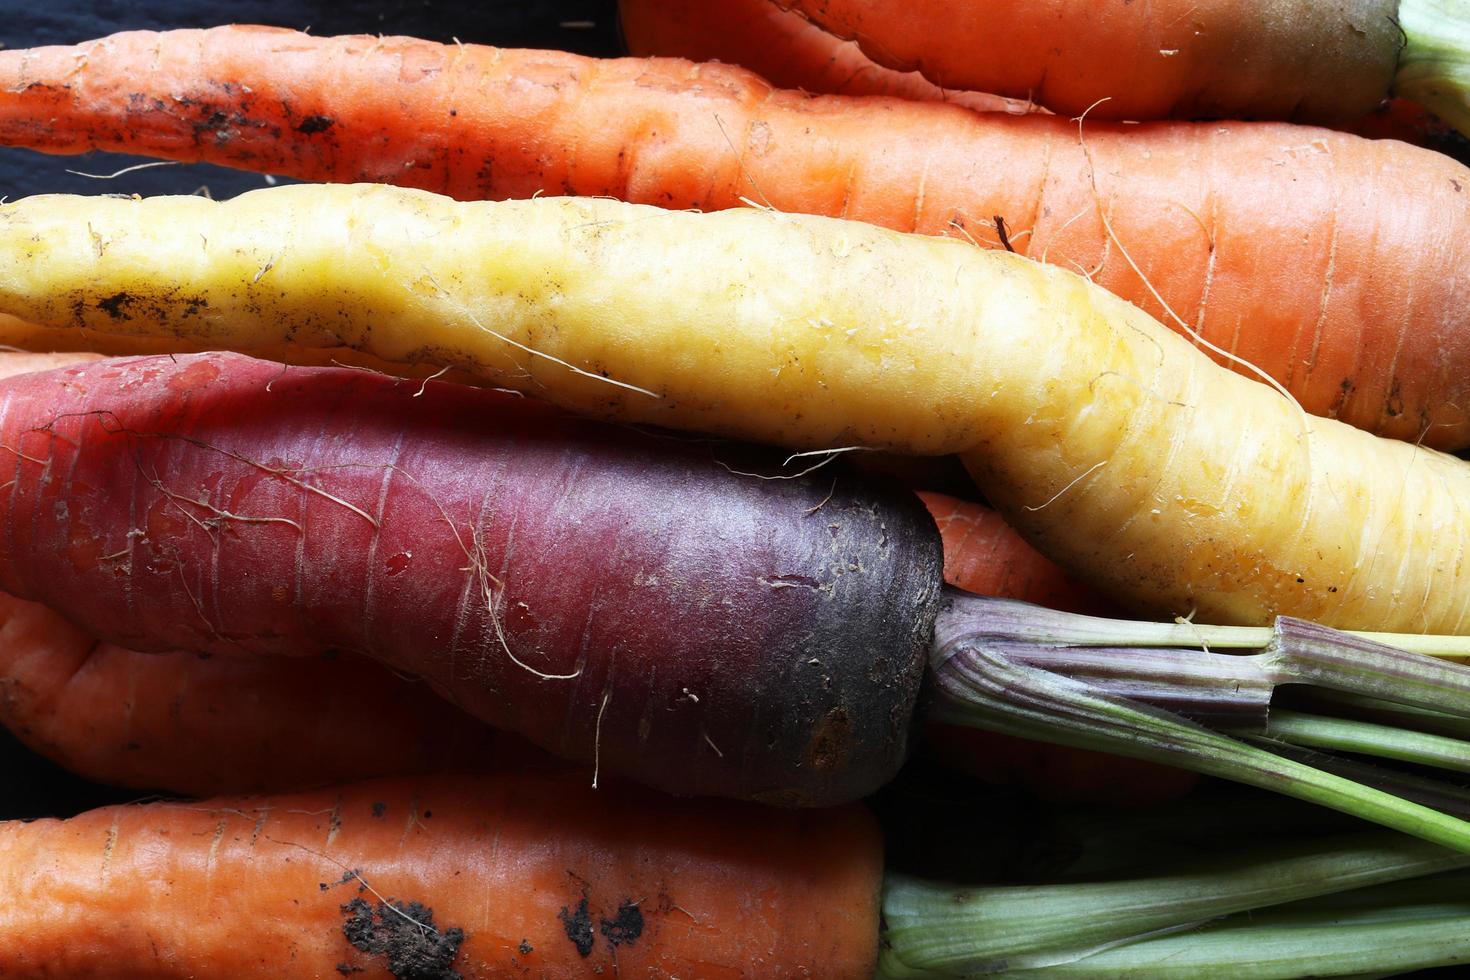 carottes colorées non lavées pour fond de nourriture photo